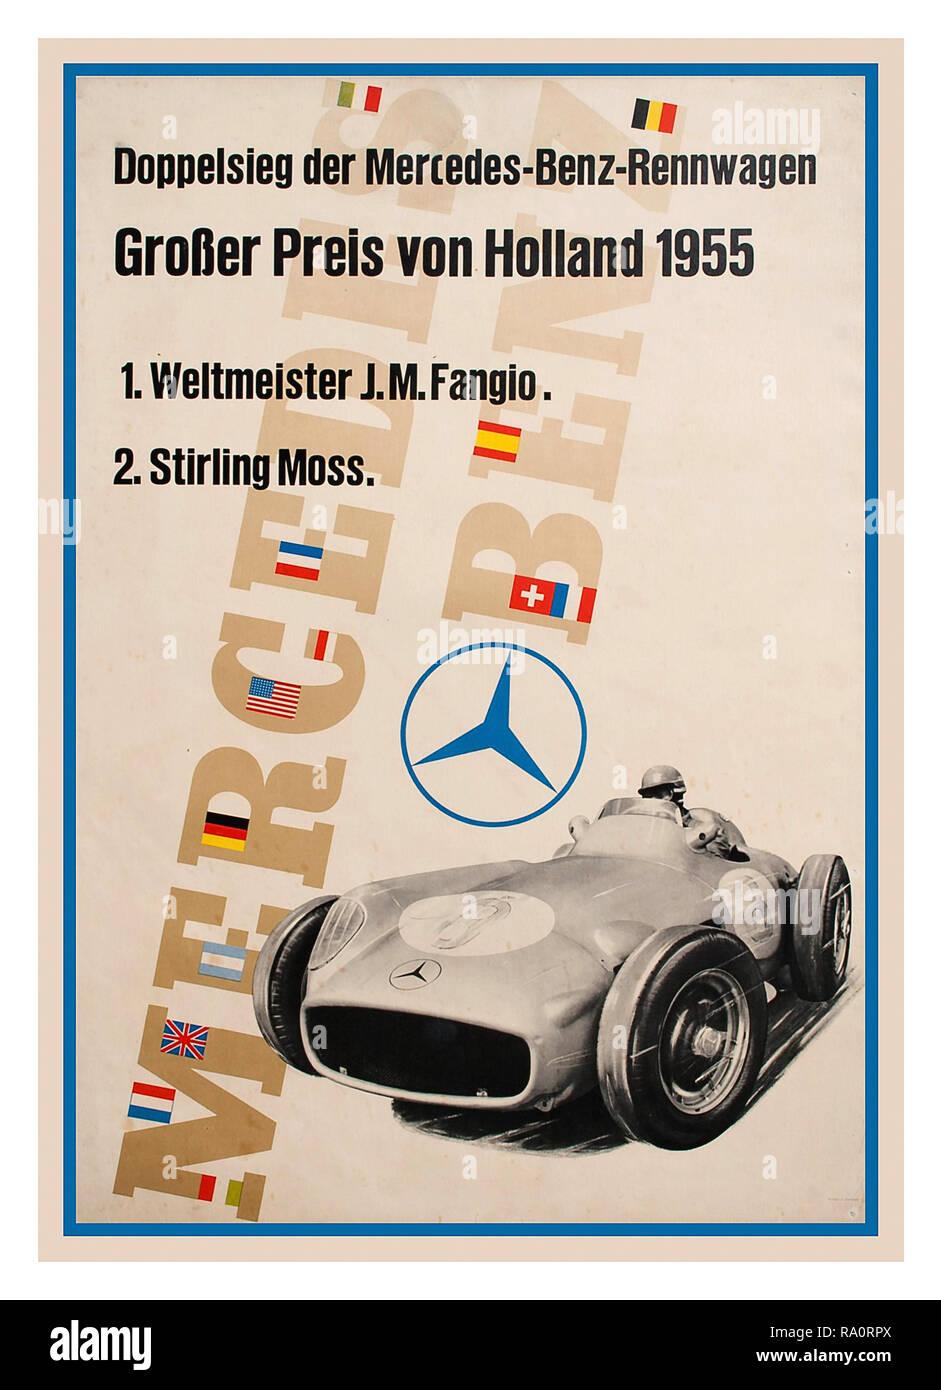 Grand Prix 1950 Vintage Poster Holland Grand Prix-Rennsport Wettbewerb Mercedes Benz Sieg mit großer Juan Fangio ersten Platz Stirling Moss den zweiten Platz 1955 'Ergebnis in Holland ''Double Sieg mit Mercedes Rennwagen' Stockbild